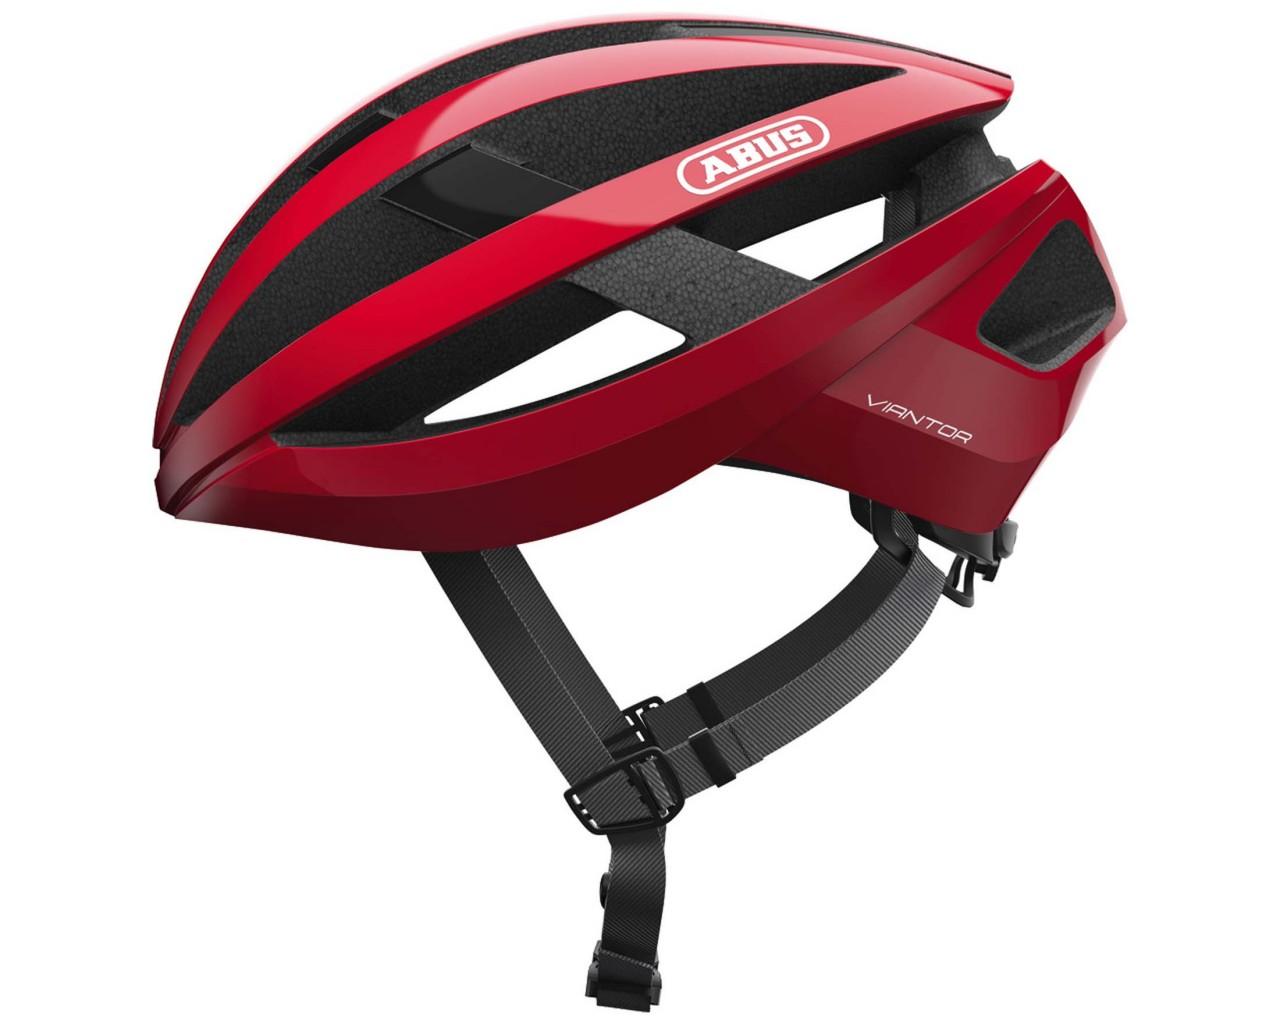 Abus Viantor Road Bike Helmet | racing red